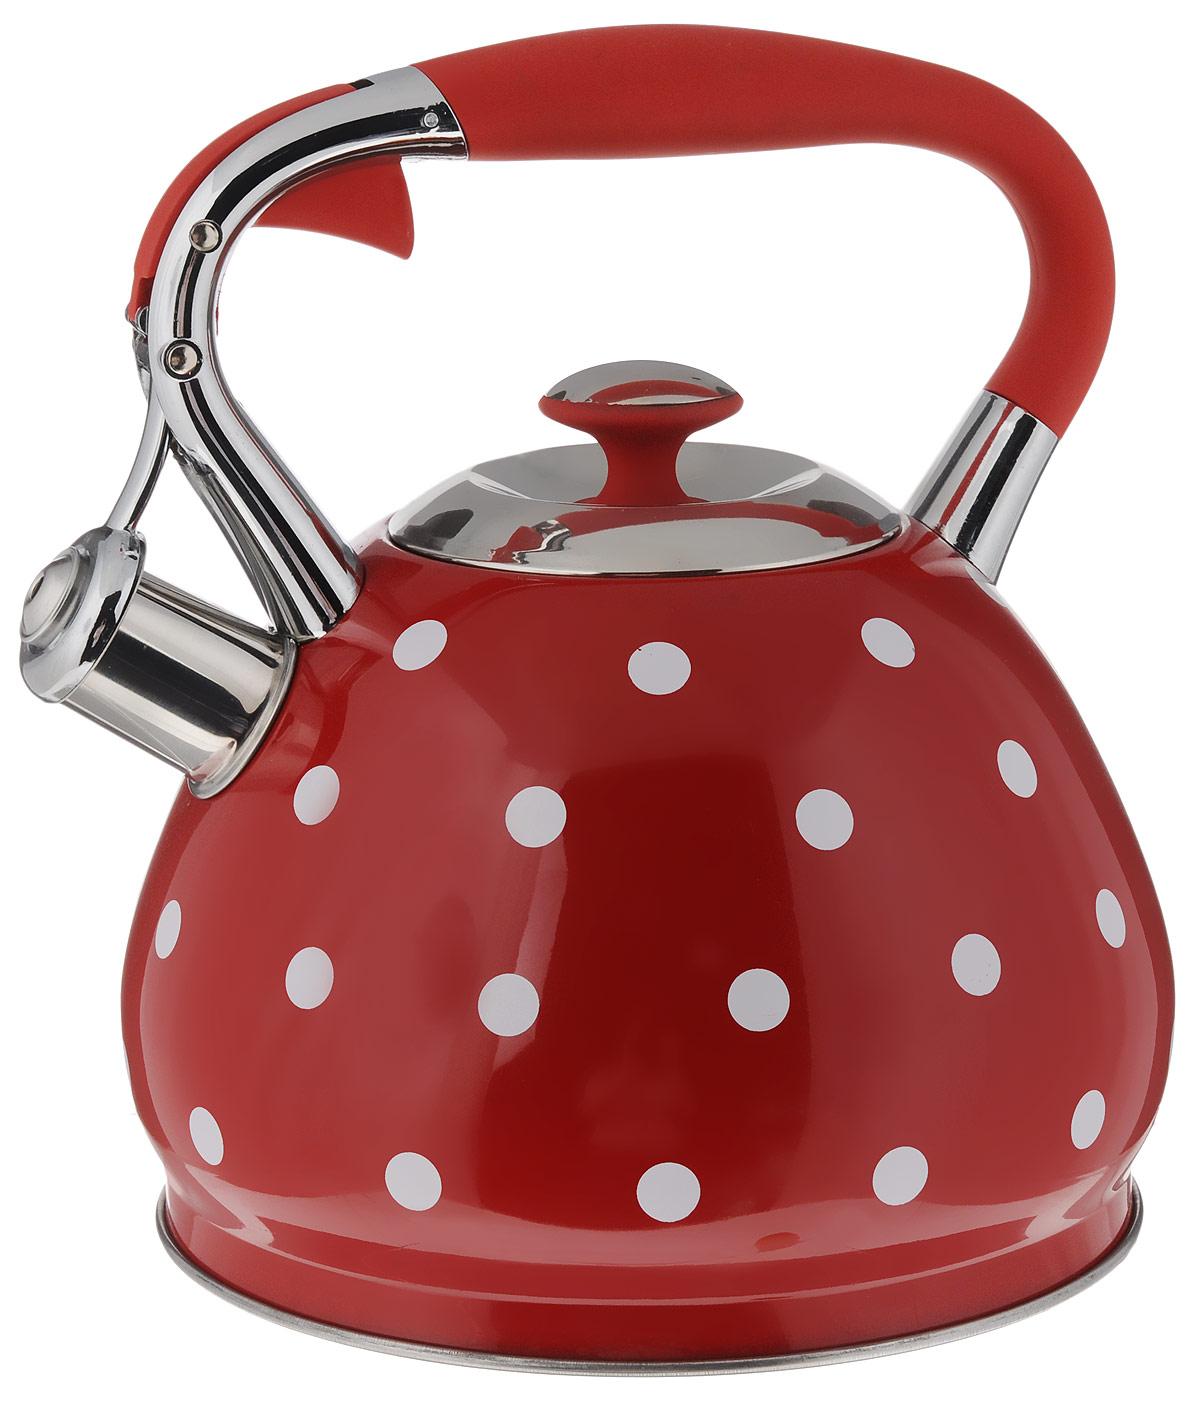 Чайник Hoffmann, со свистком, цвет: красный, 3,3 л. НМ 5529/1НМ 5529/1